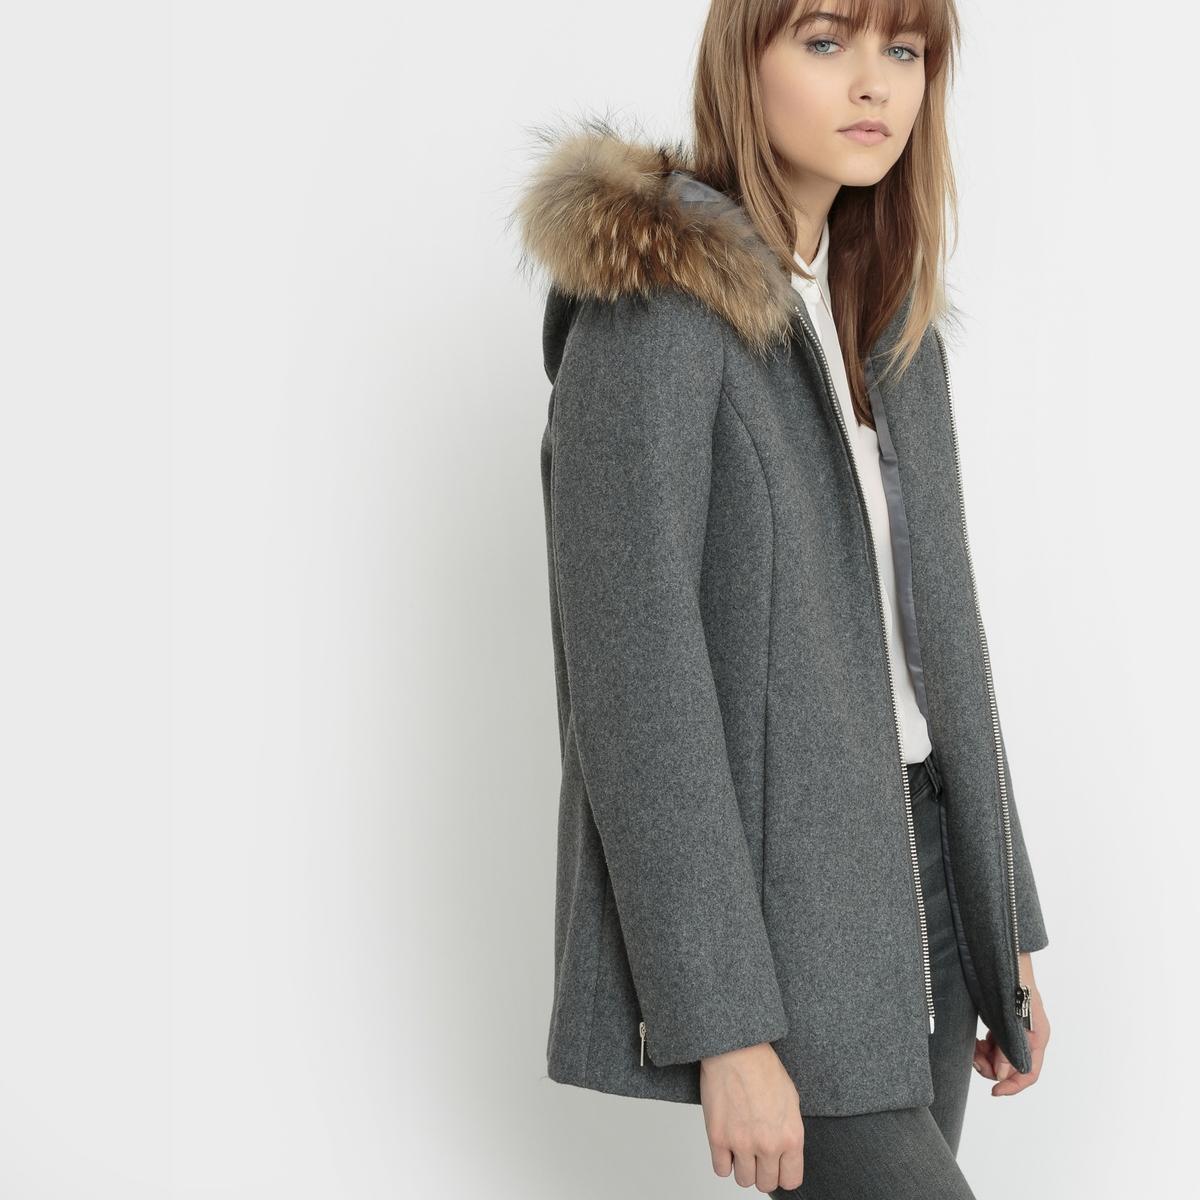 Пальто из шерстяного драпа LAURA пальто